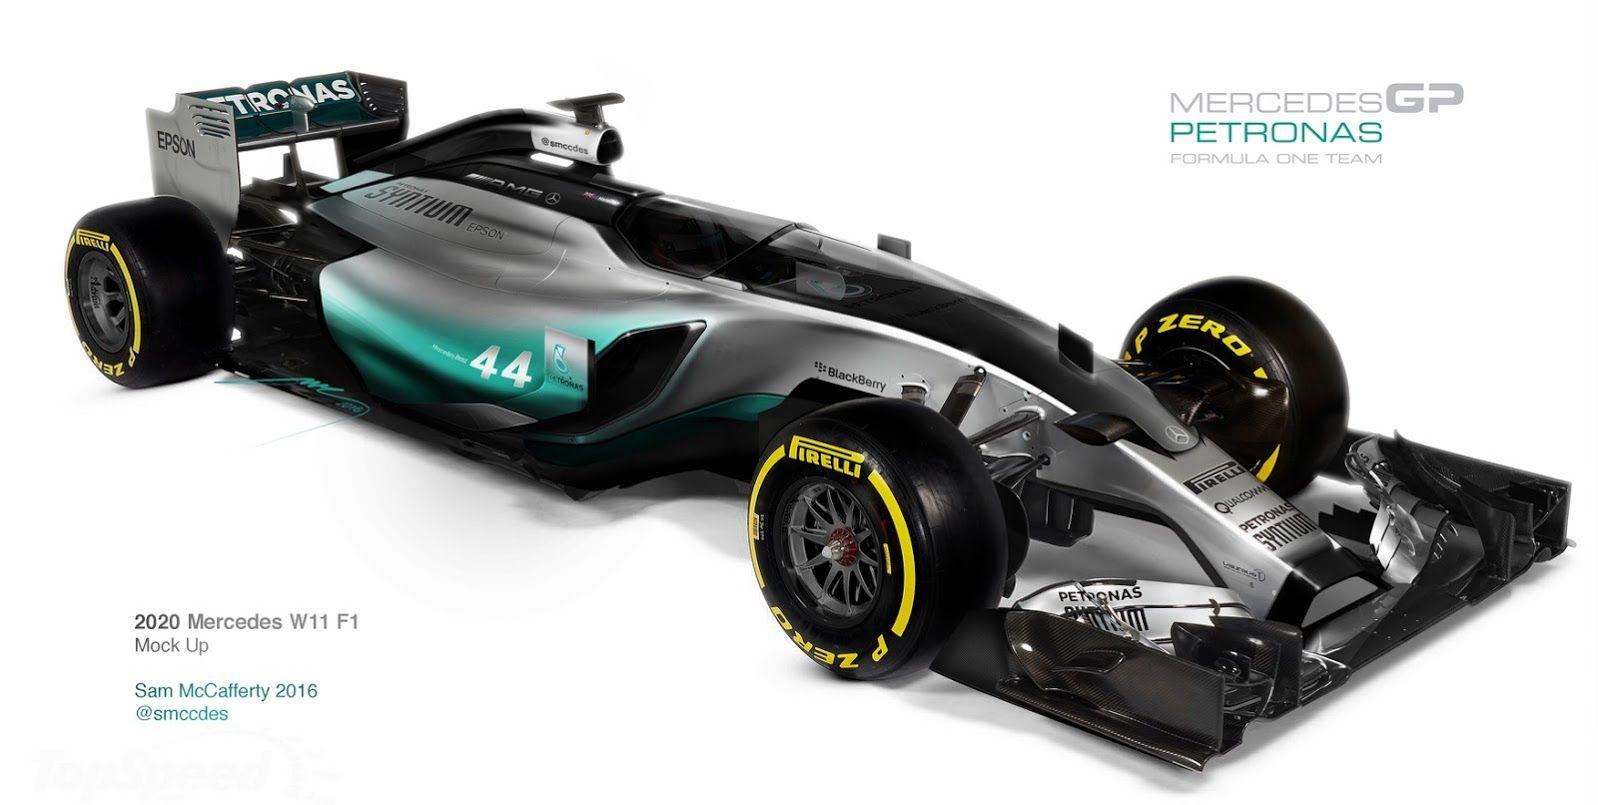 2020 Mercedes W11 F1 Mock Up By Sam McCafferty (3 fotos